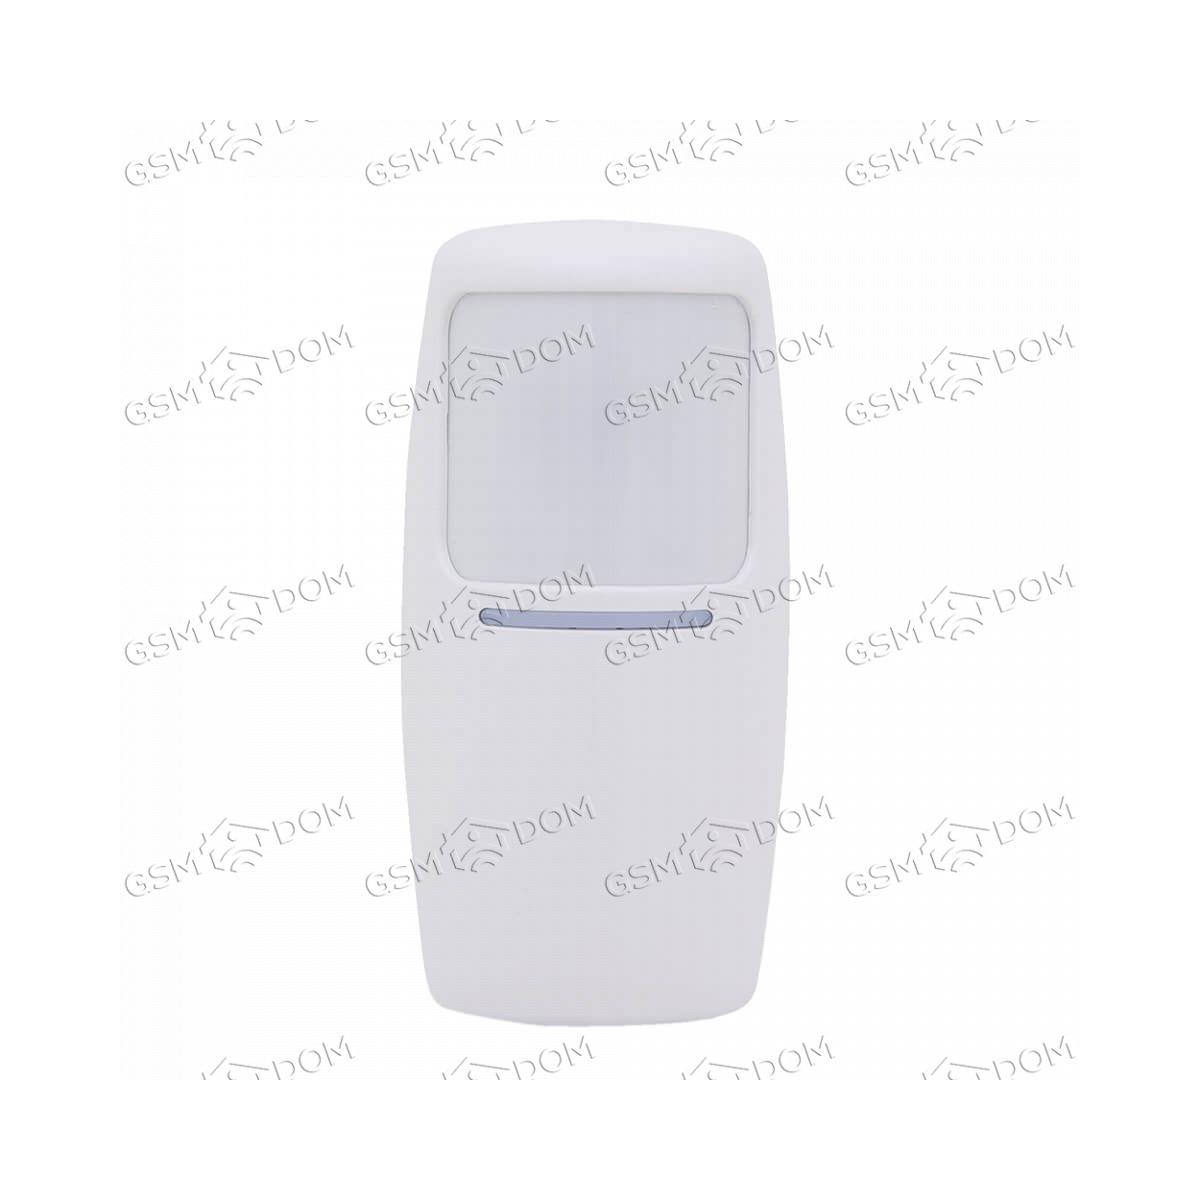 Беспроводная охранная GSM сигнализация Страж Старт (10A) - 3